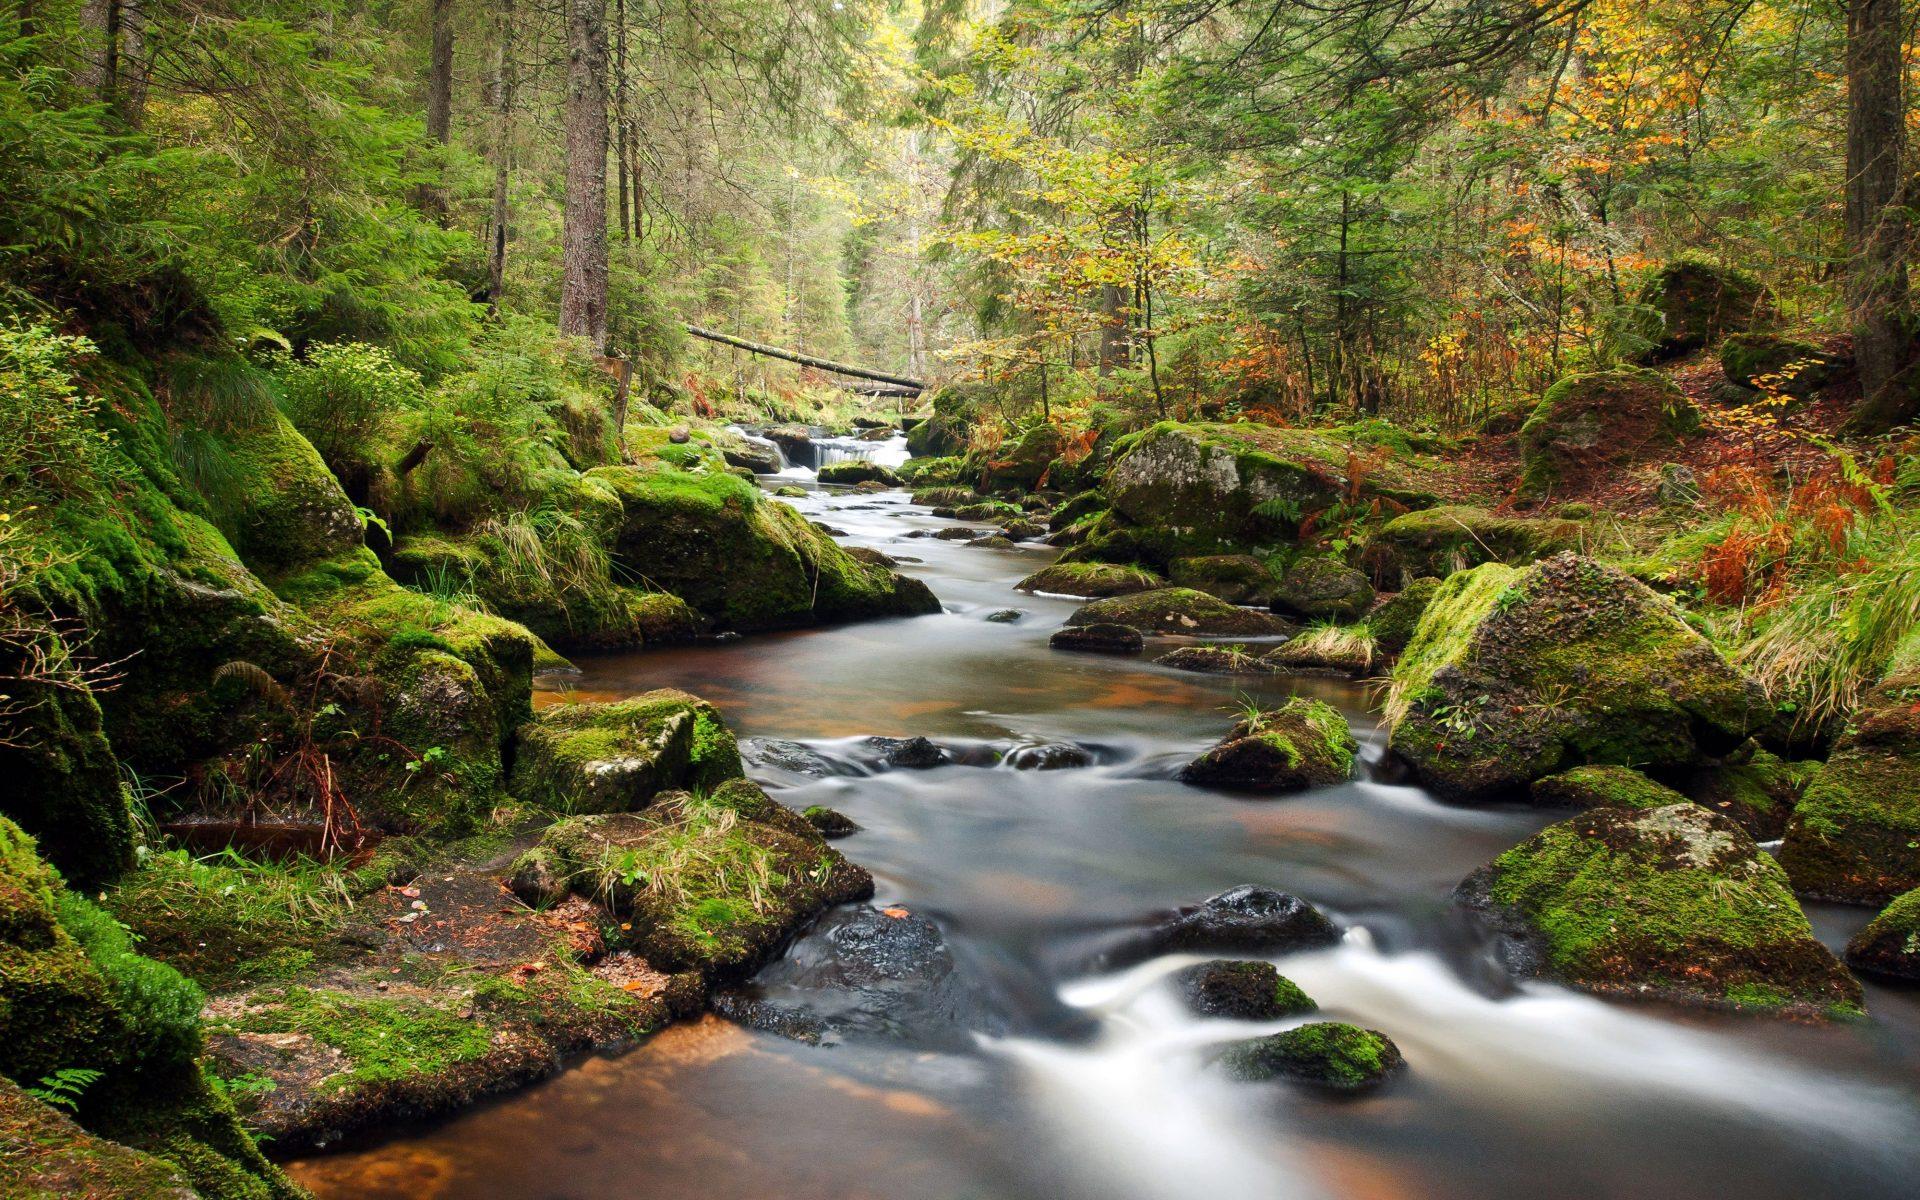 بالصور روعة الصور , صور مناظر طبيعية جميلة 4166 1